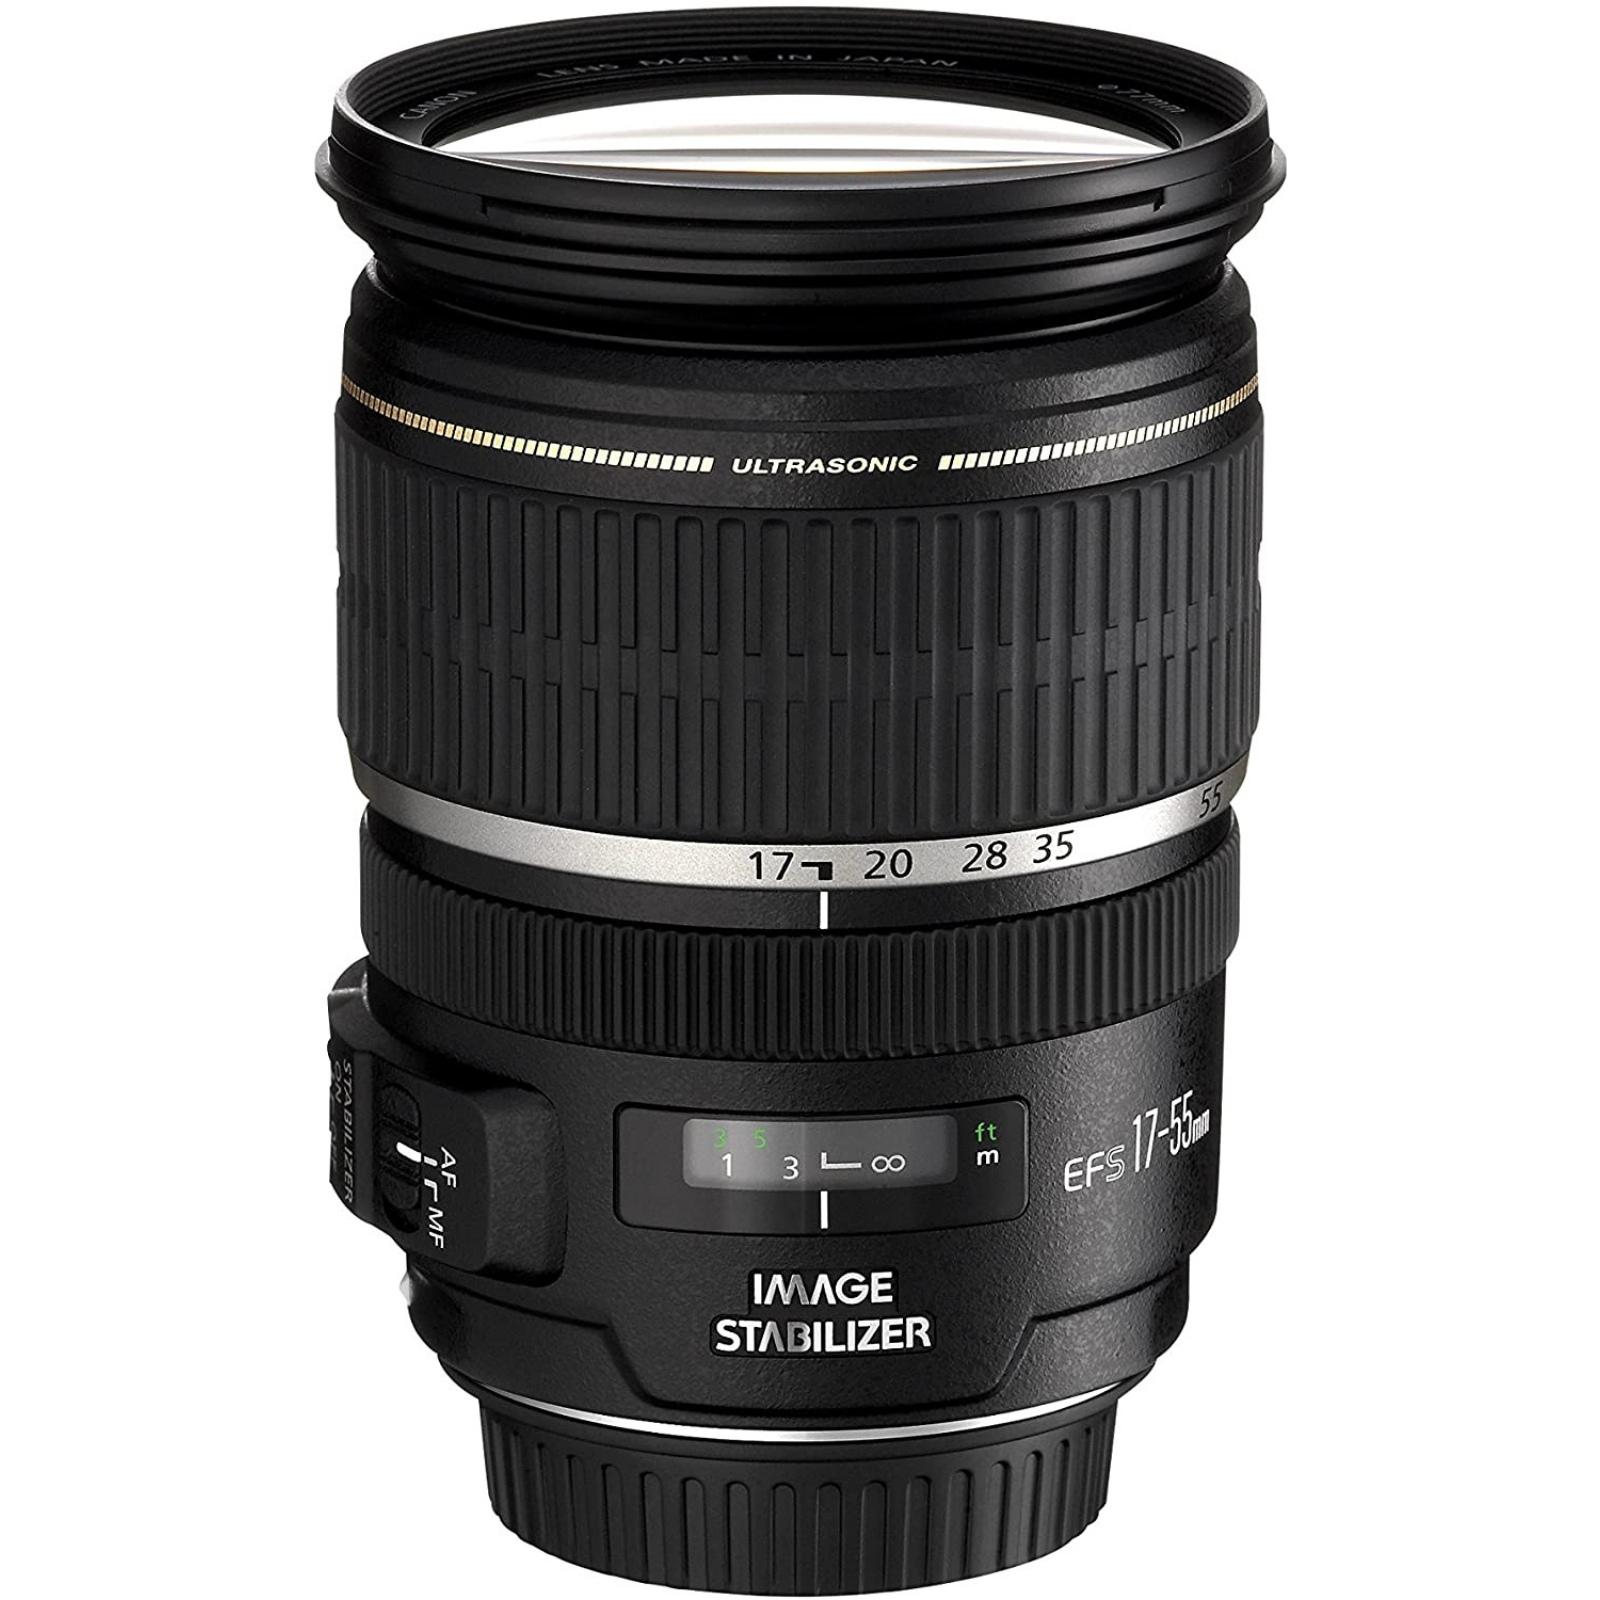 Canon キヤノン 標準ズームレンズ EF-S17-55mm F2.8 IS USM ブラック 新品 (並行輸入品、保証付き)